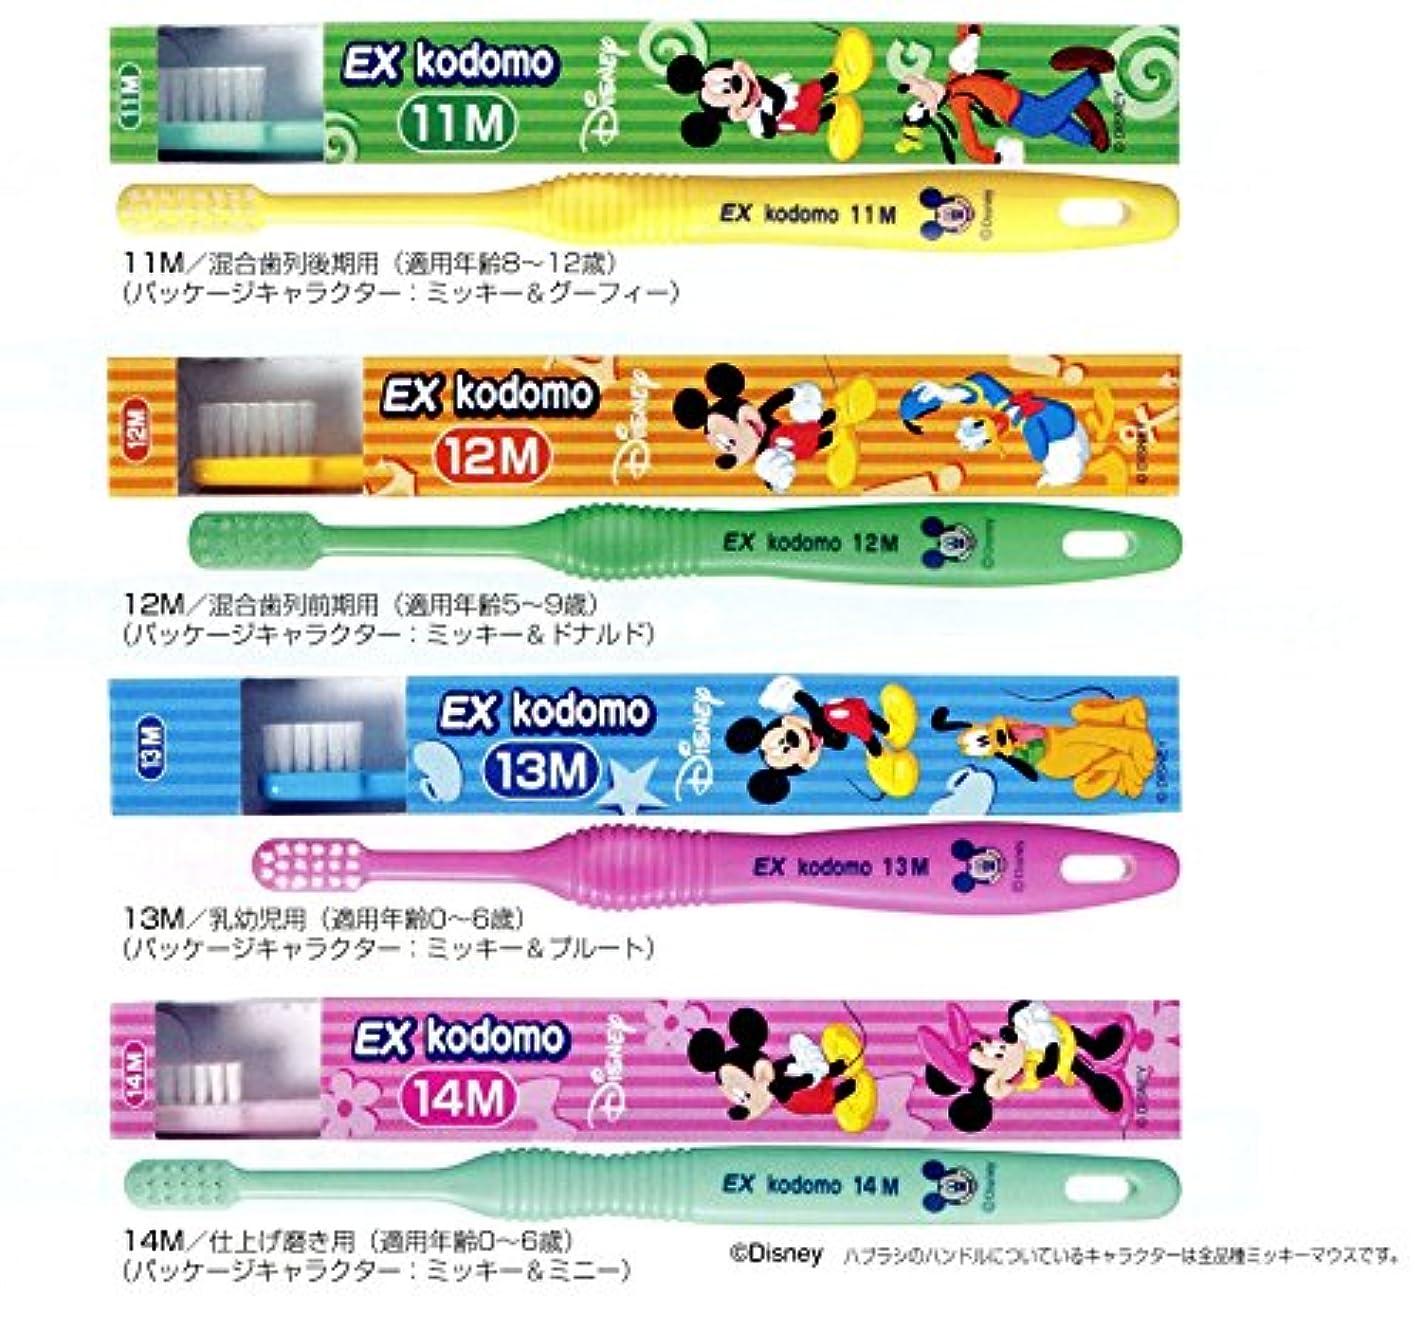 寝室ポップ無しライオン コドモ ディズニー DENT.EX kodomo Disney 1本 11M イエロー (8?12歳)